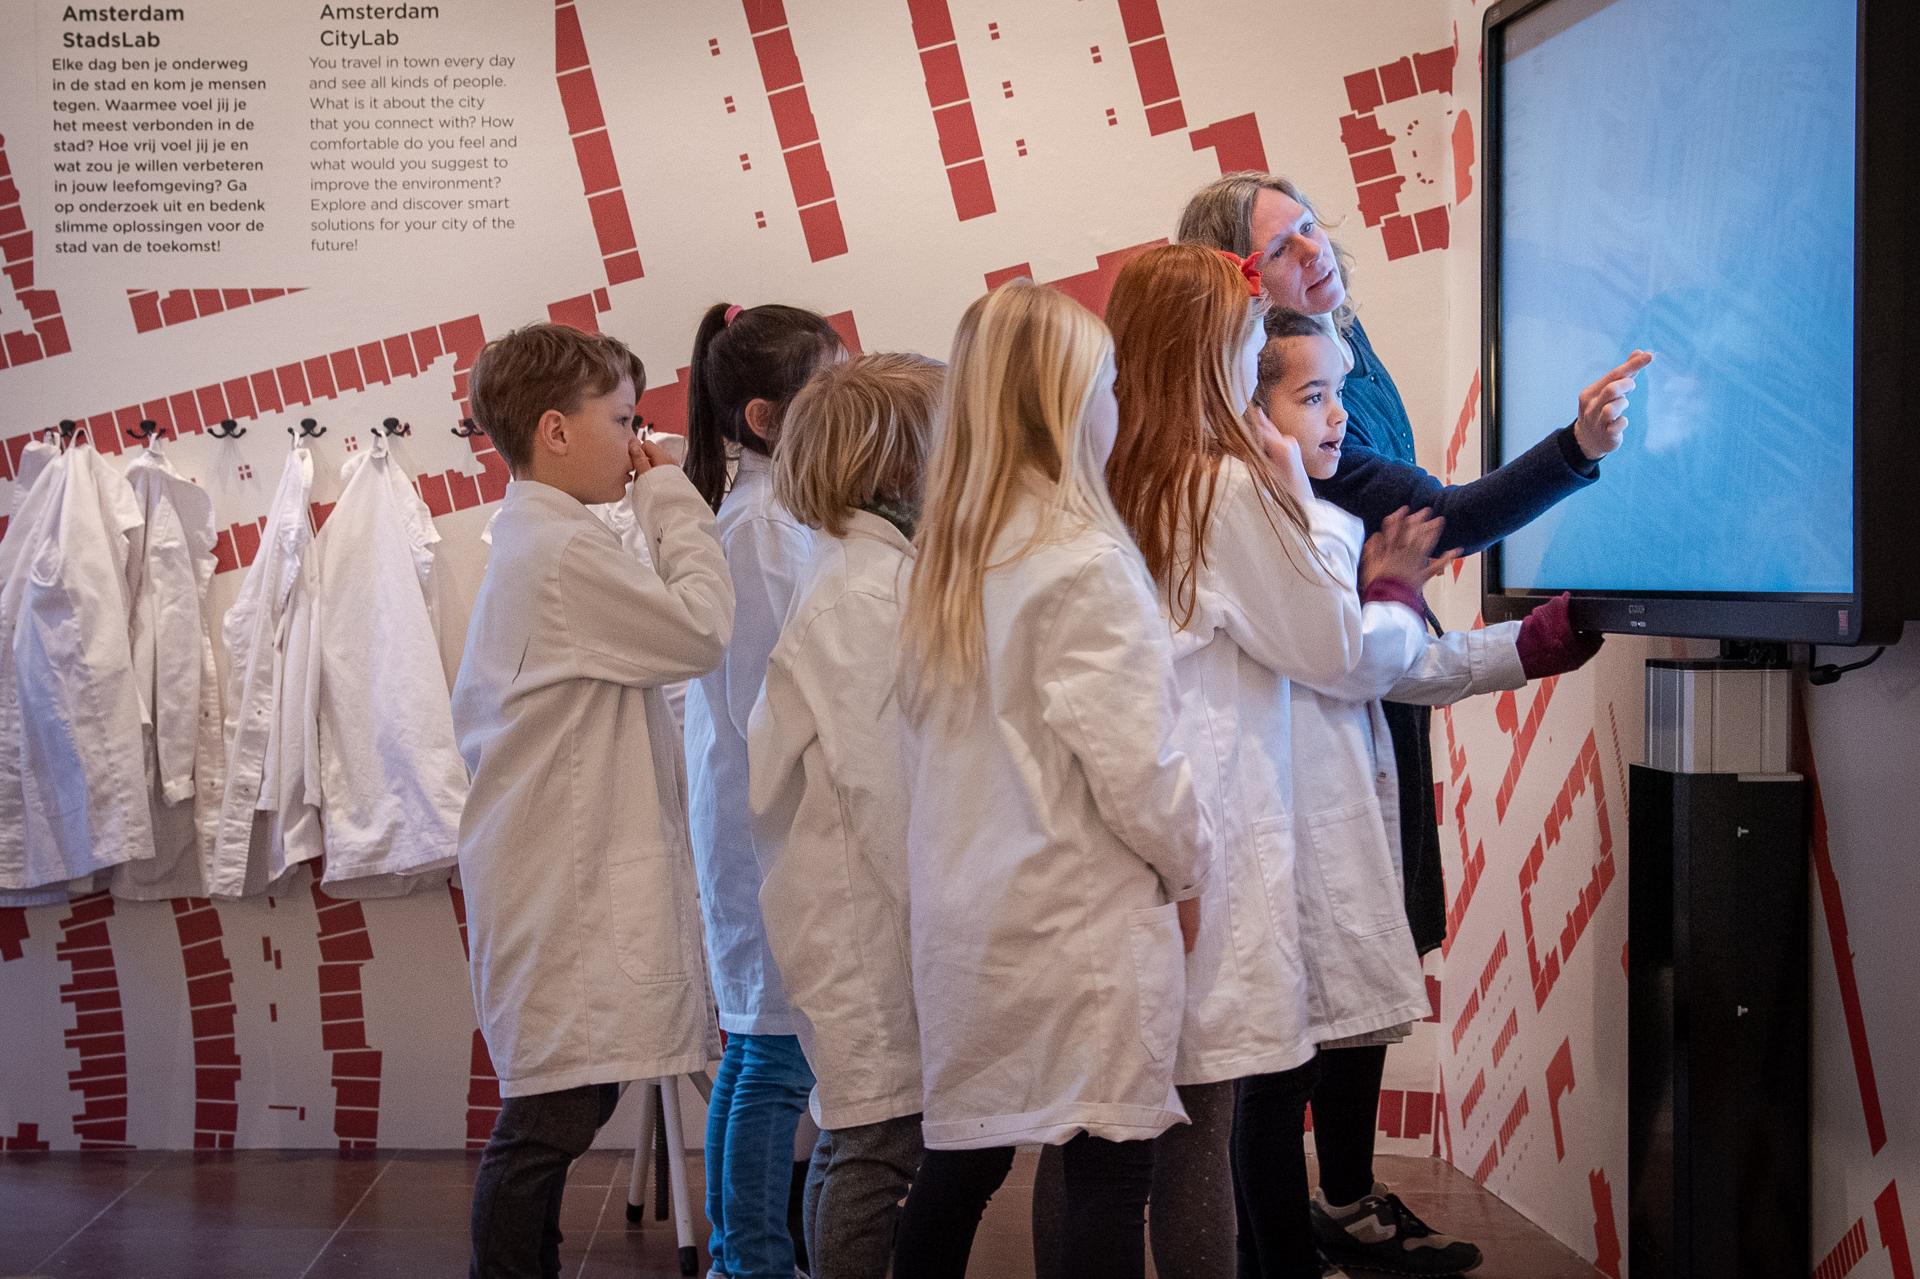 tentoonstellingsontwerp stadslab2 amsterdam museum 2 jpg